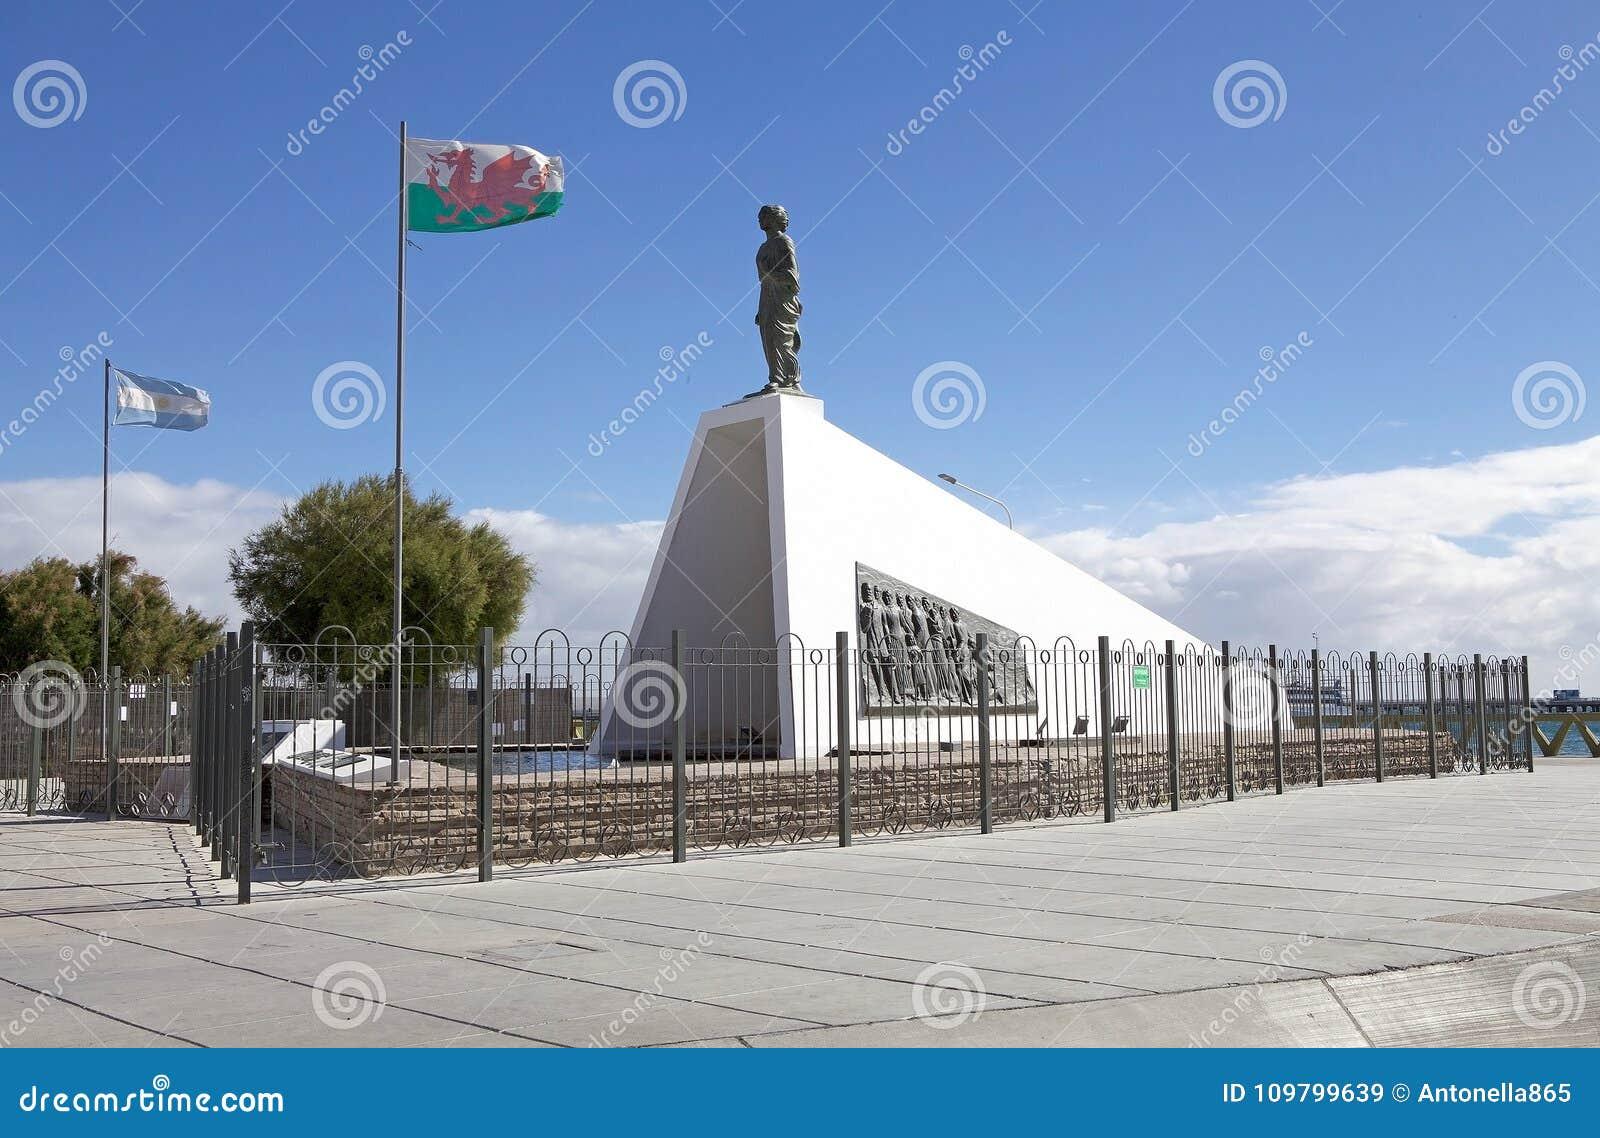 Monumento aos colonos de Galês em Puerto Madryn, uma cidade na província de Chubut, Patagonia, Argentina